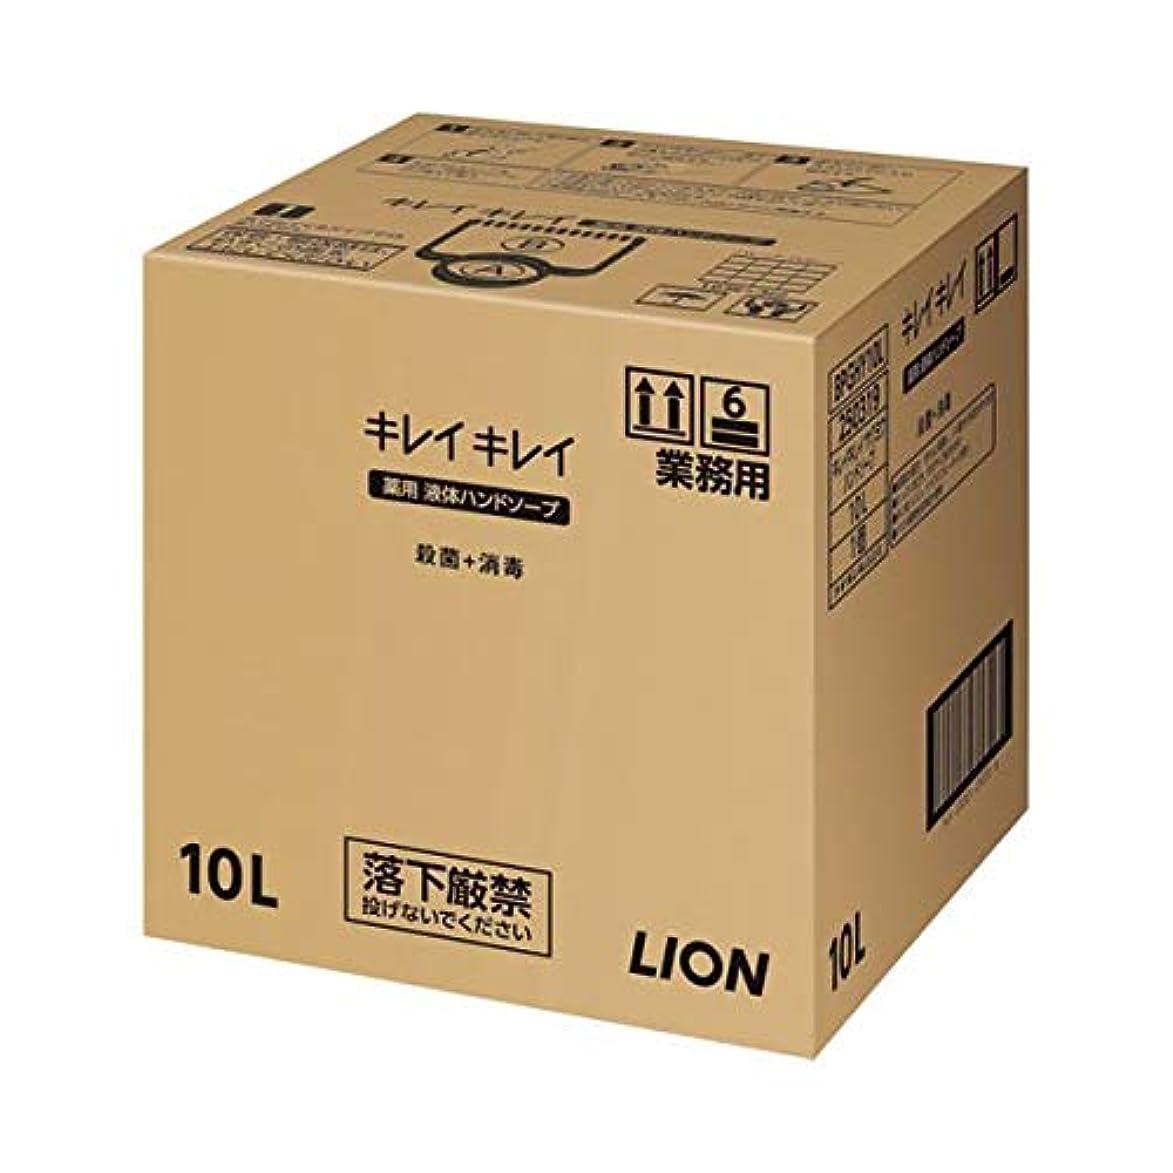 致命的な快適目的ライオン キレイキレイ 薬用ハンドソープ 10L ダイエット 健康 衛生用品 ハンドソープ 14067381 [並行輸入品]